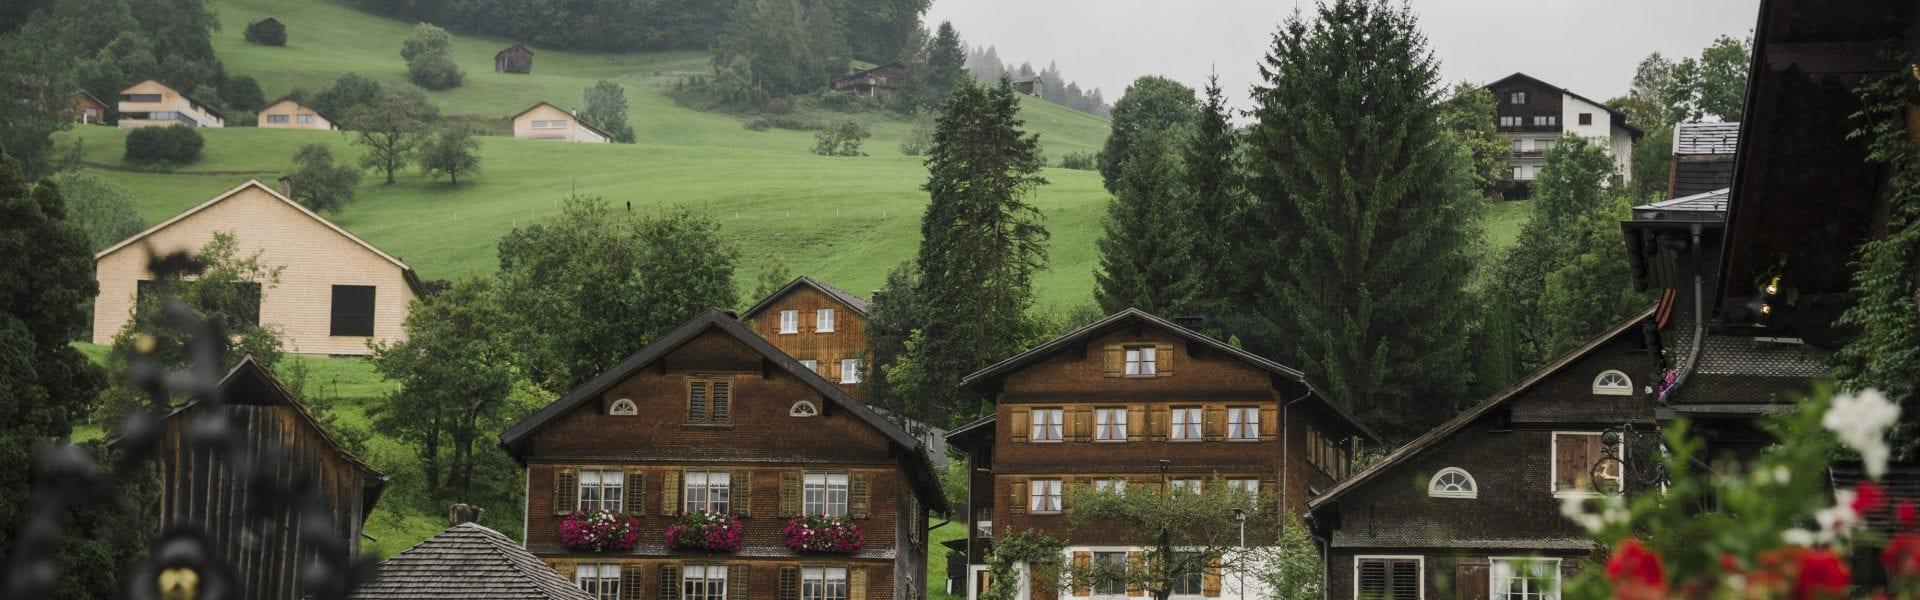 Häuser in Schwarzenberg, (c) Jana Sabo, friendship.is